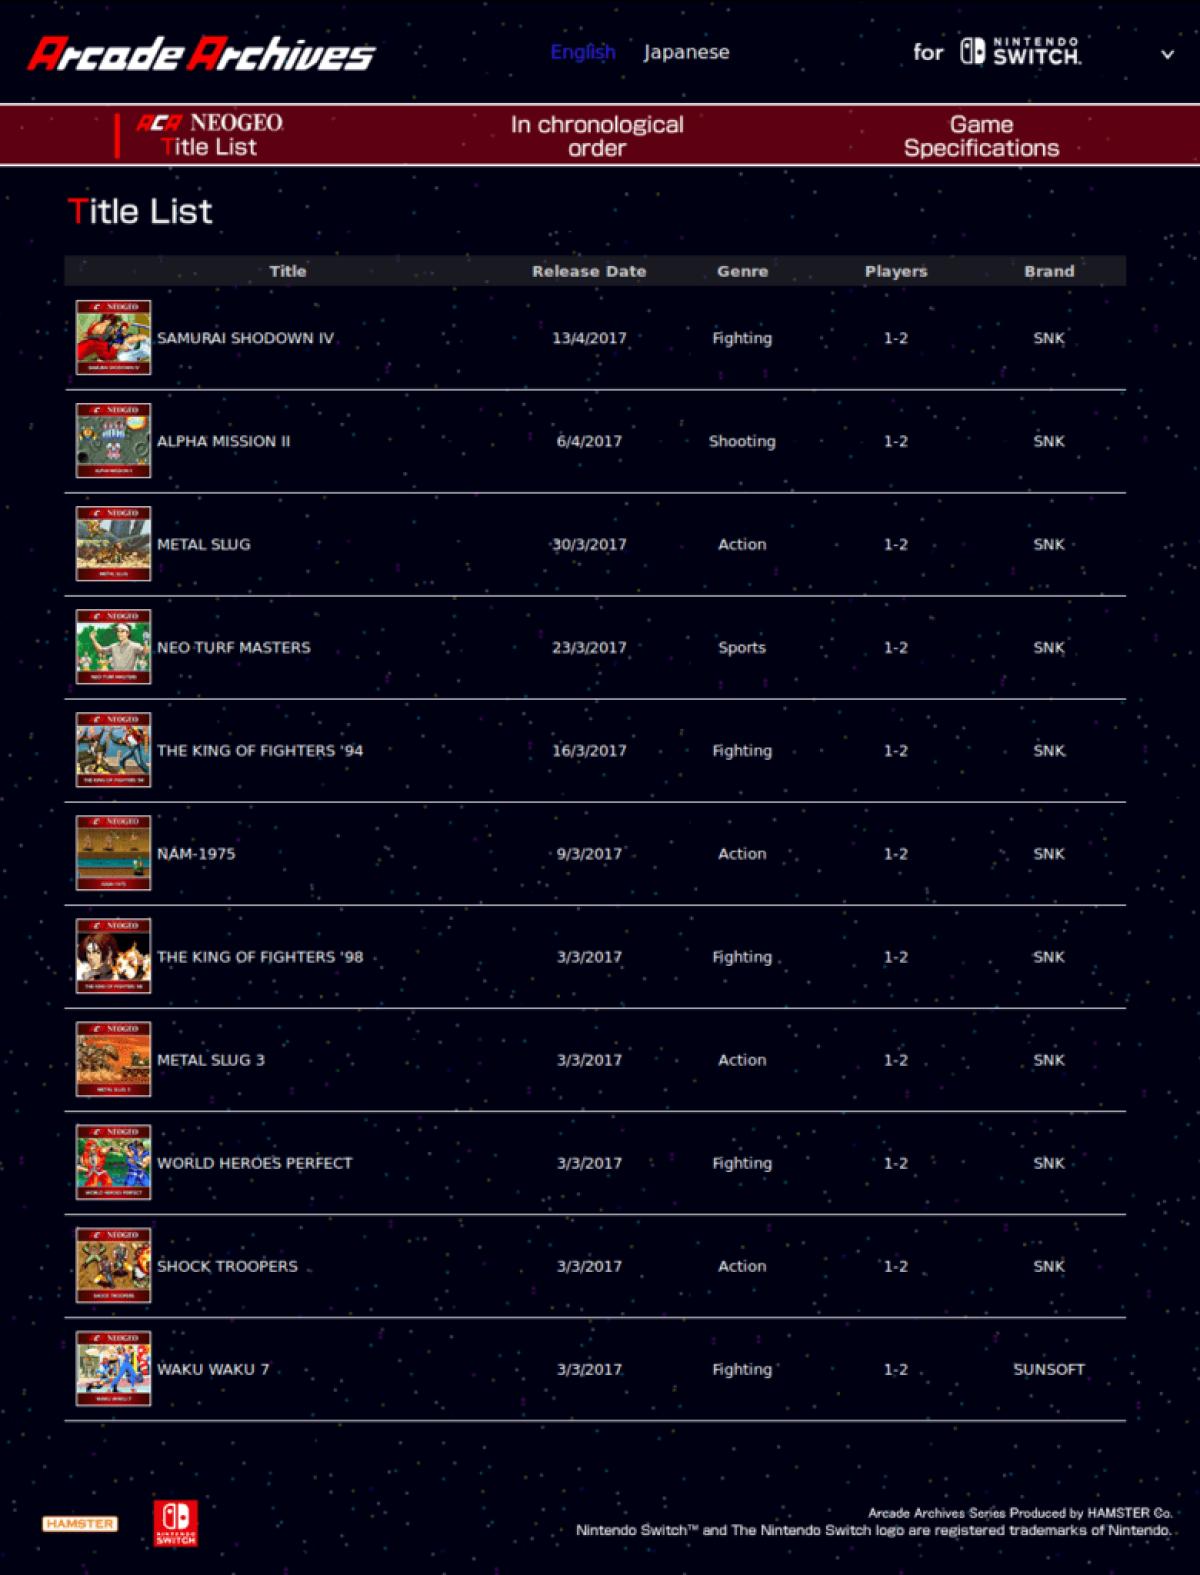 Les 11 jeux Neo-Geo disponibles sur Nintendo Switch au 13 avril